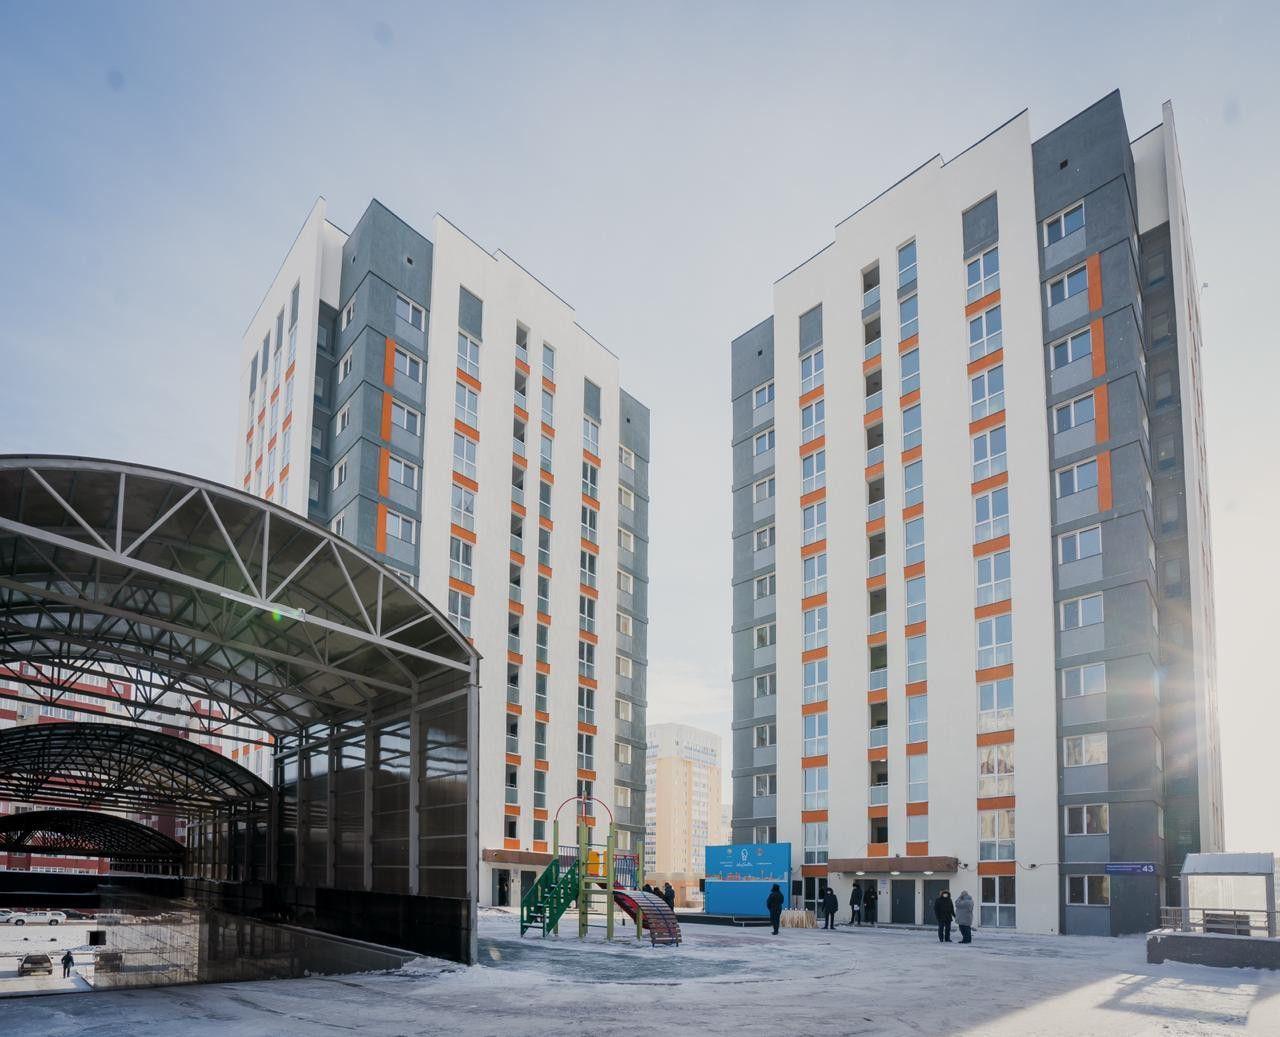 В 2021 году в Нур-Султане построят 10 тысяч льготных квартир - Kapital.kz